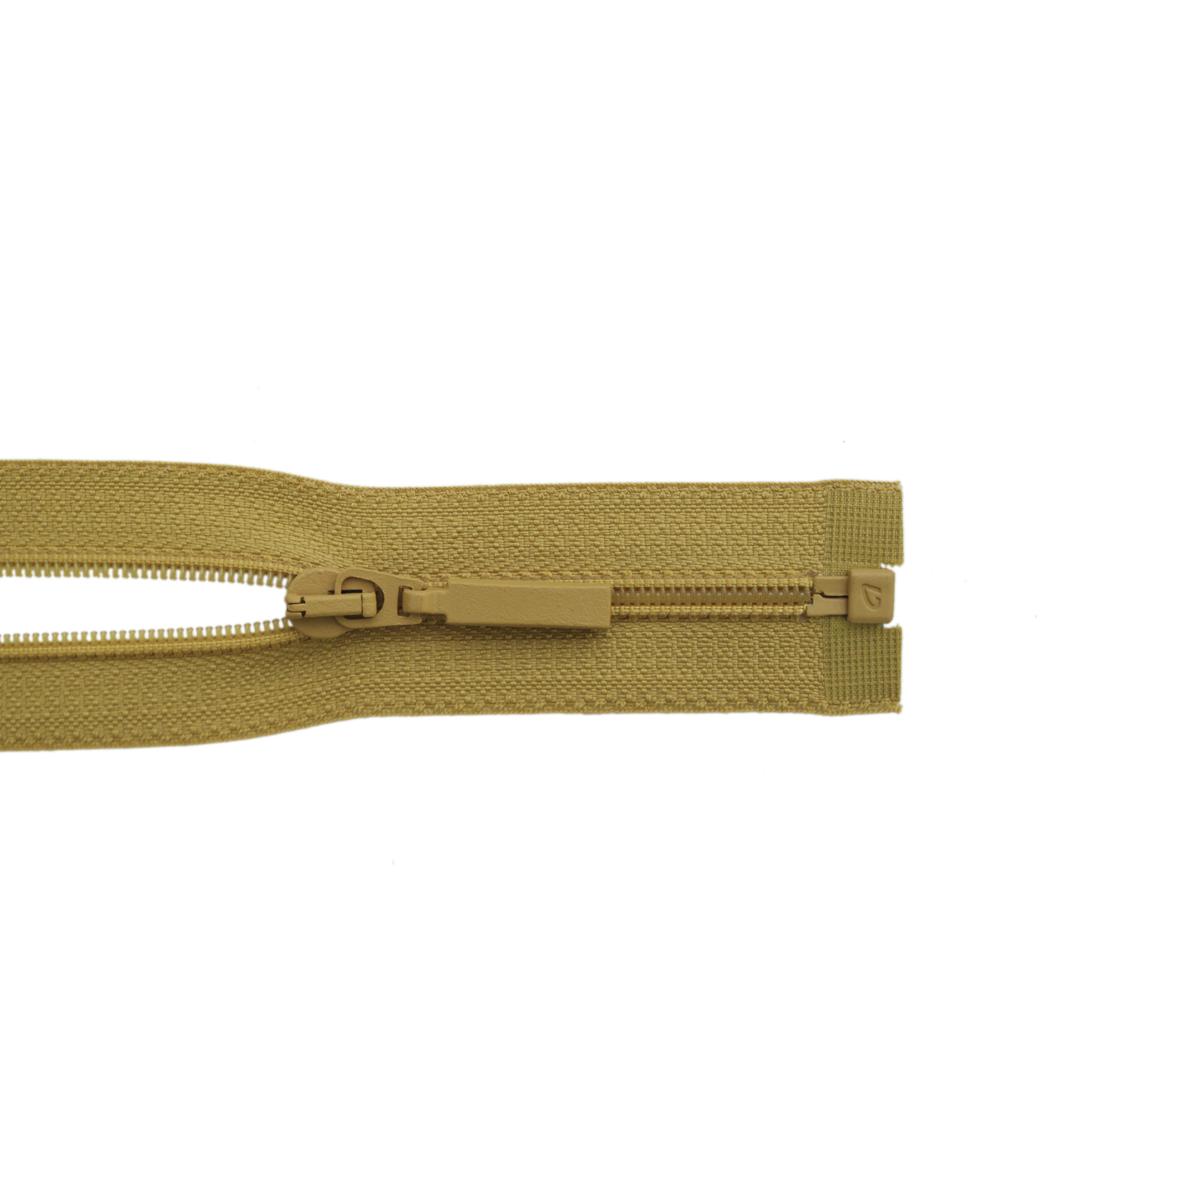 Застежка-молния витая Arta-F, цвет: горчица (828), 85 см25385-828Продукция ARTA-F сертифицирована на Российский, Британский и Латвийский стандарт. Фурнитура ARTA-F изготавливается из европейских материалов, на современном оборудовании, в соответствии с высокими требованиями стандартов. Вся продукция фабрики проходит тесты на качество.Звено застежки-молнии Экстра имеет боковые приливы, которые исключают контакт замка с текстильной лентой, а сокращенный до минимума зазор между замком и приливами звена предохраняет от возможности попадания в замок подкладки, меха, нитей. В то же время эти меры повышают прочность застежки при высоких нагрузках, особенно на изгиб. Применение таких приливов на молниях ARTA-F не только повышает эксплуатационные качества застежки, но и увеличивает прочность крепления звена к ленте, и продлевает срок службы застежек-молний ARTA-F. Такая застежка-молния безопасна, легка в использовании и не повредит одежду.